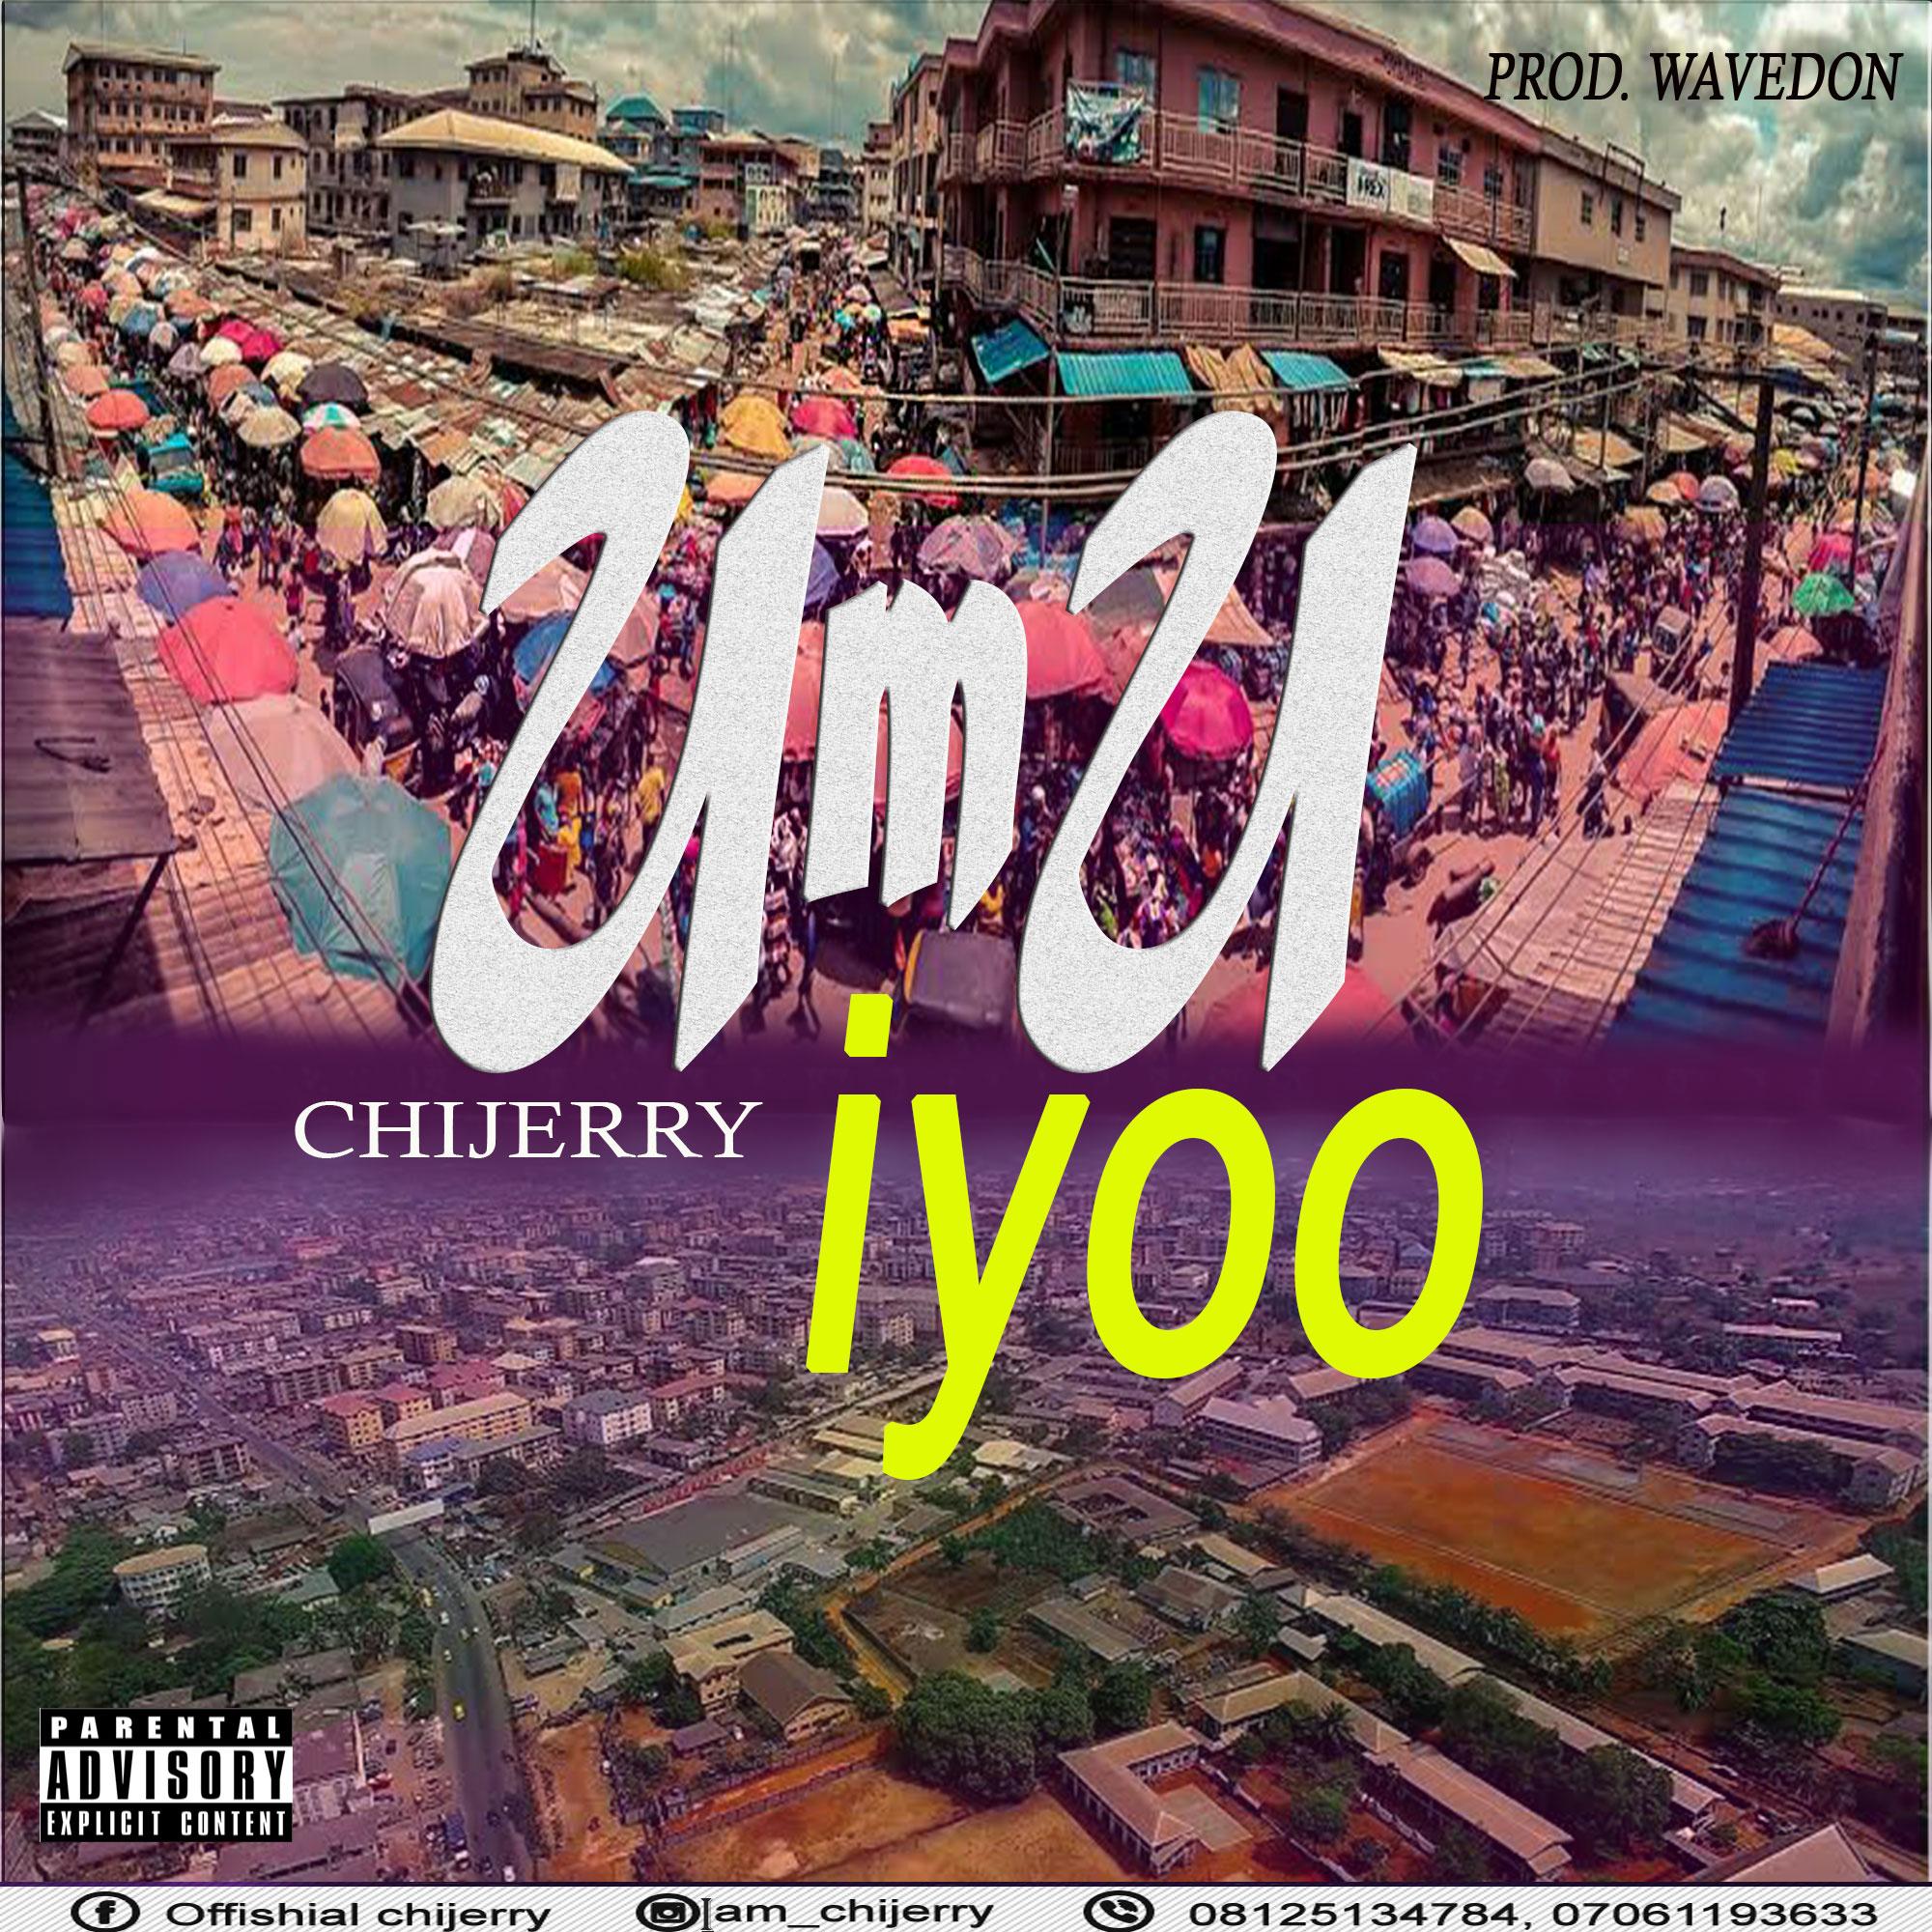 Chijerry - Umu Iyoo